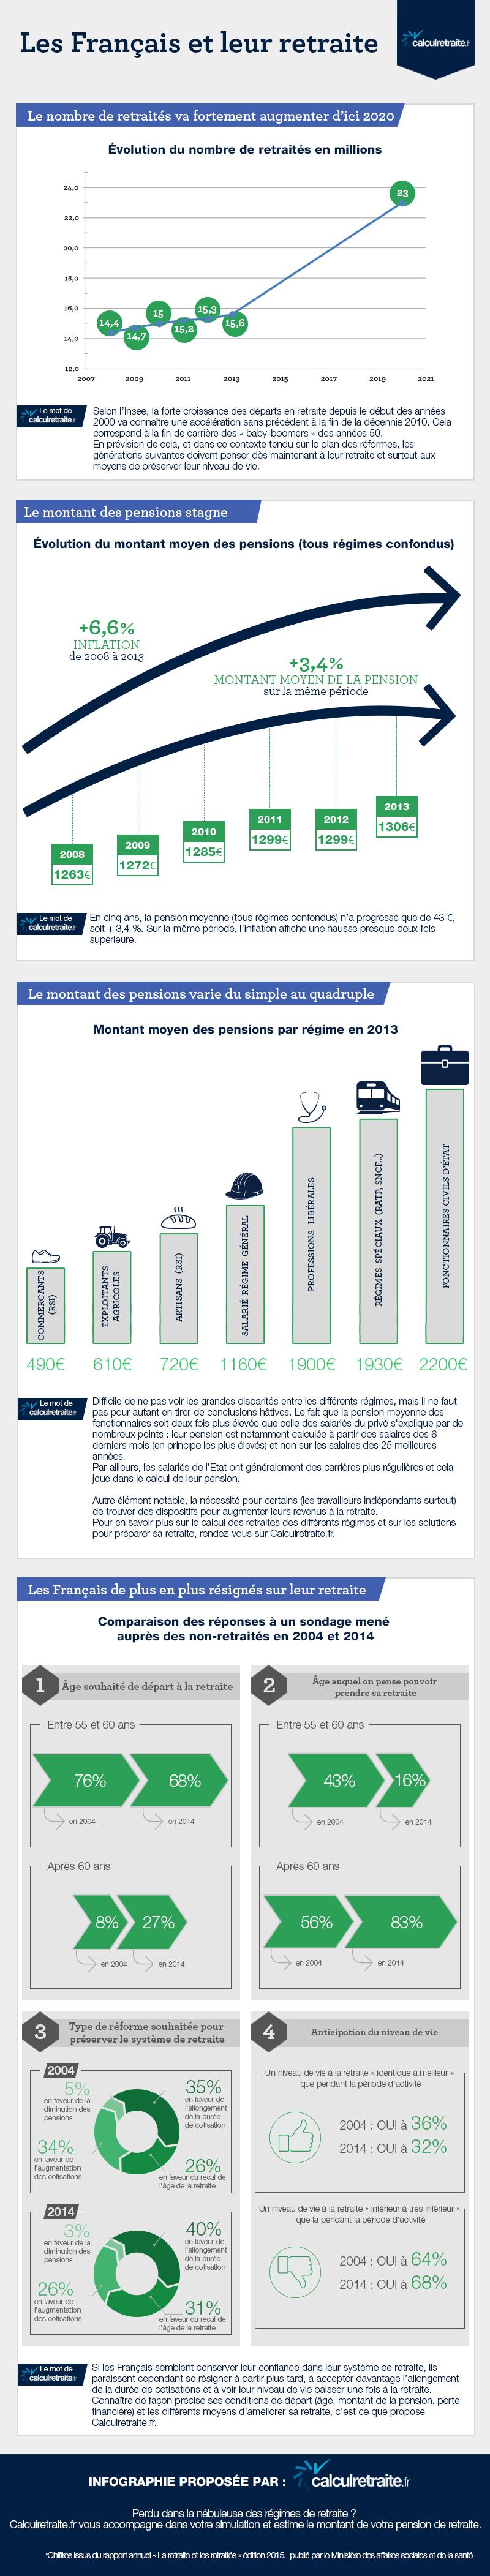 Infographie les Français et leur retraite